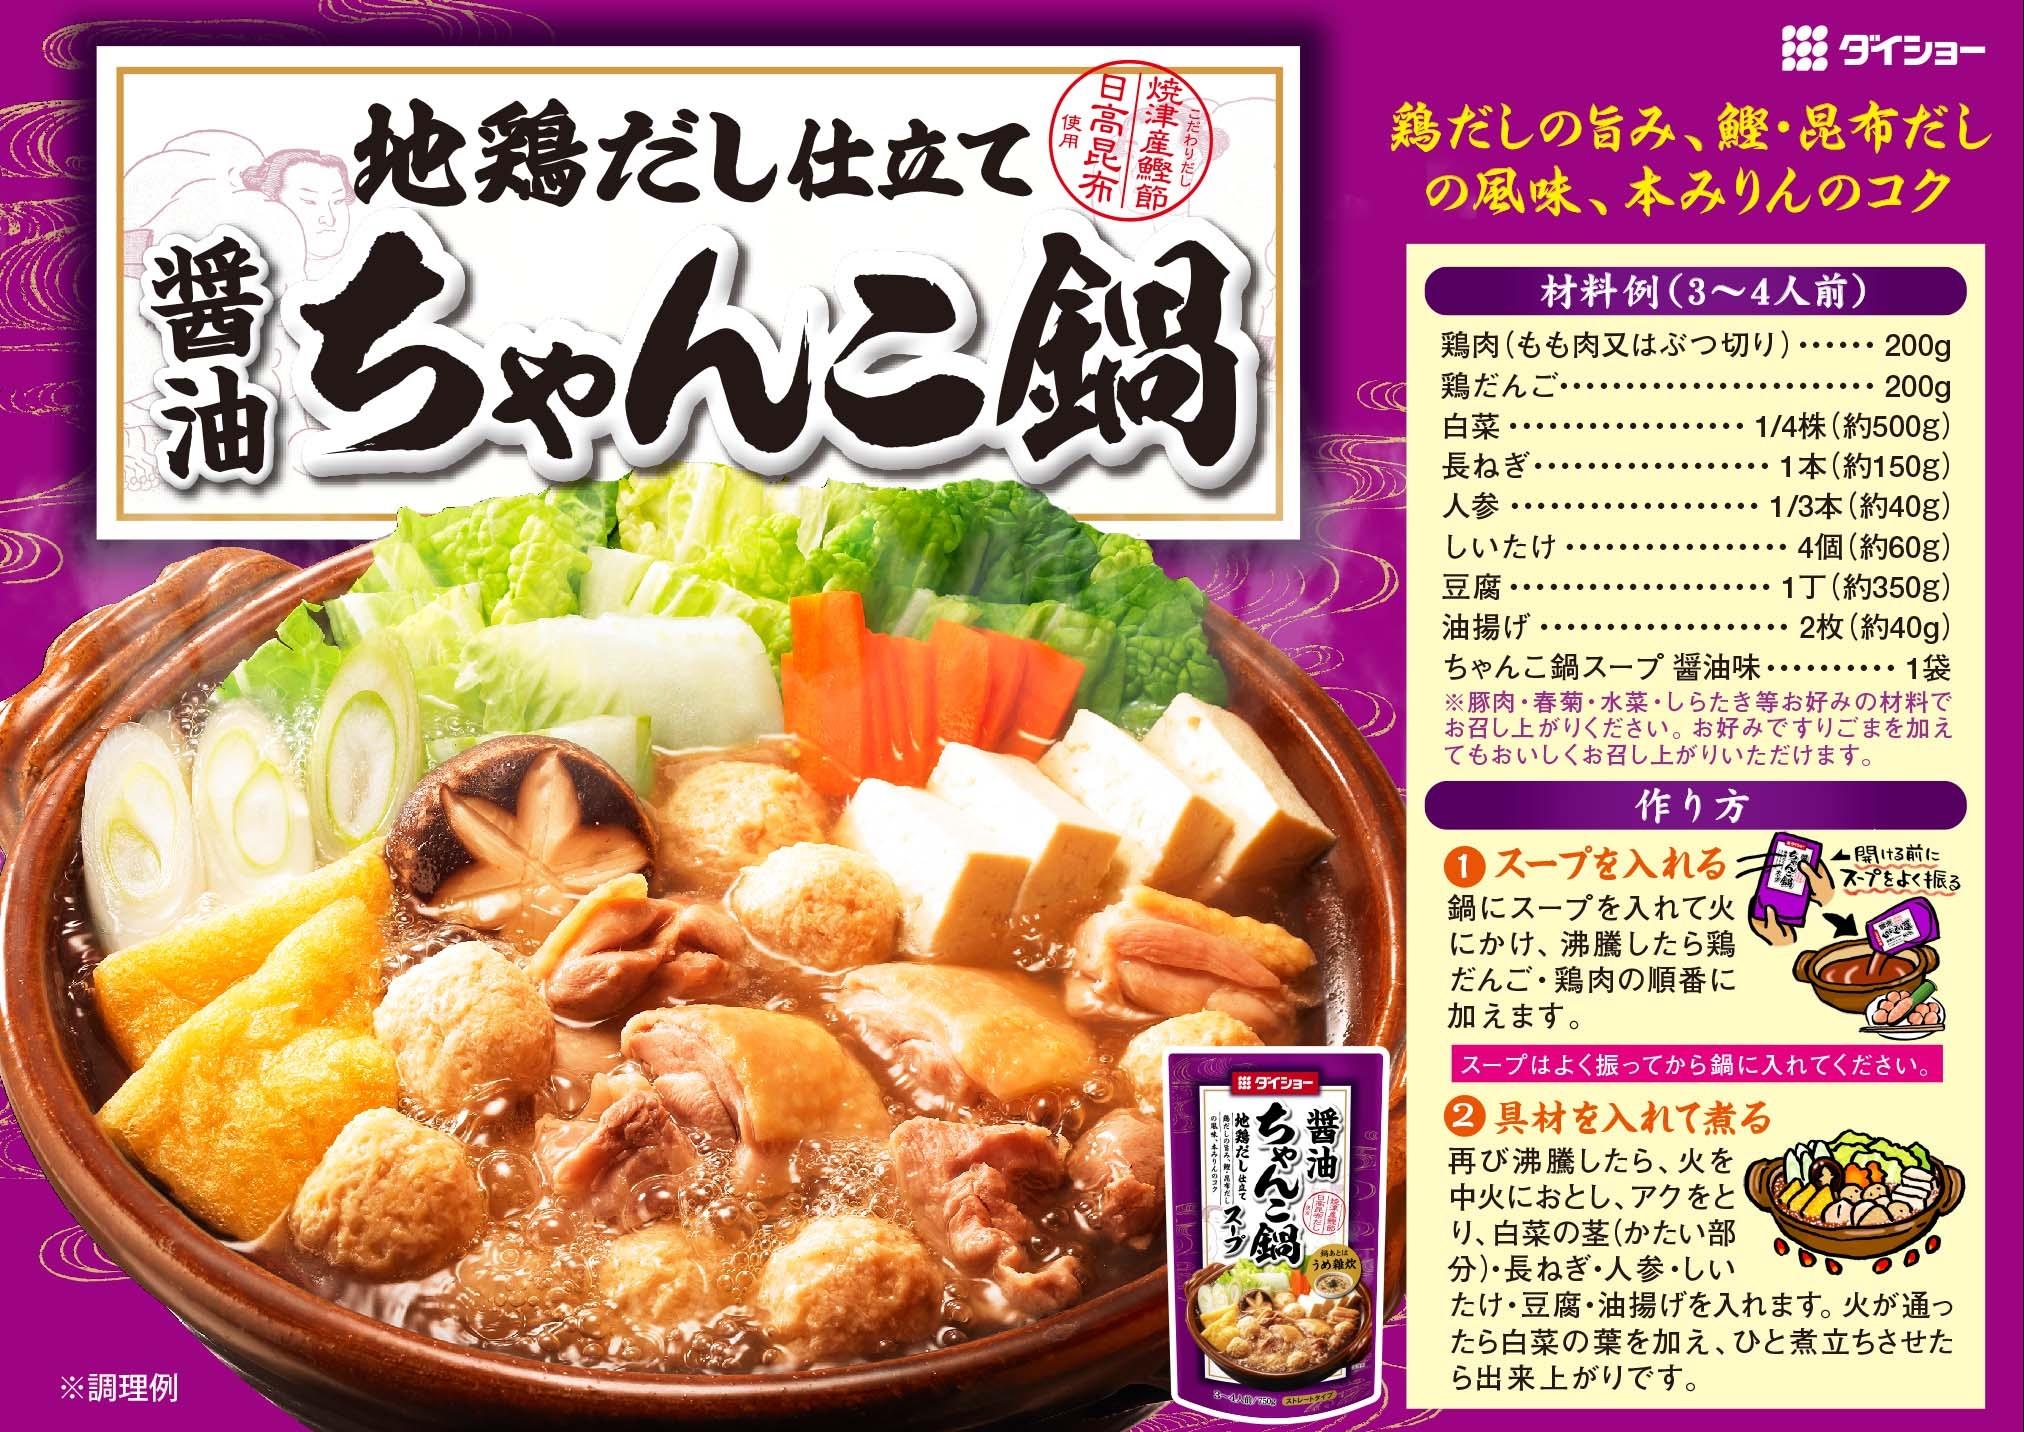 ちゃんこ鍋スープ 醤油味レシピ